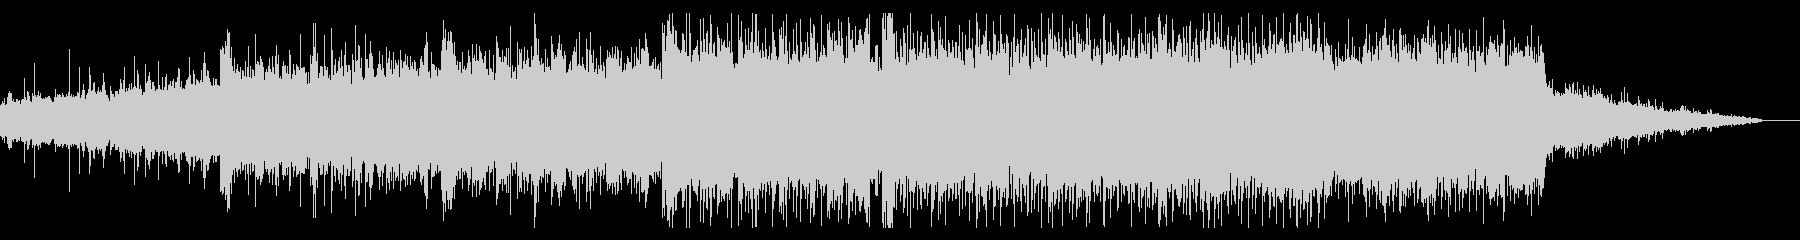 壮大なシンセティックBGMの未再生の波形